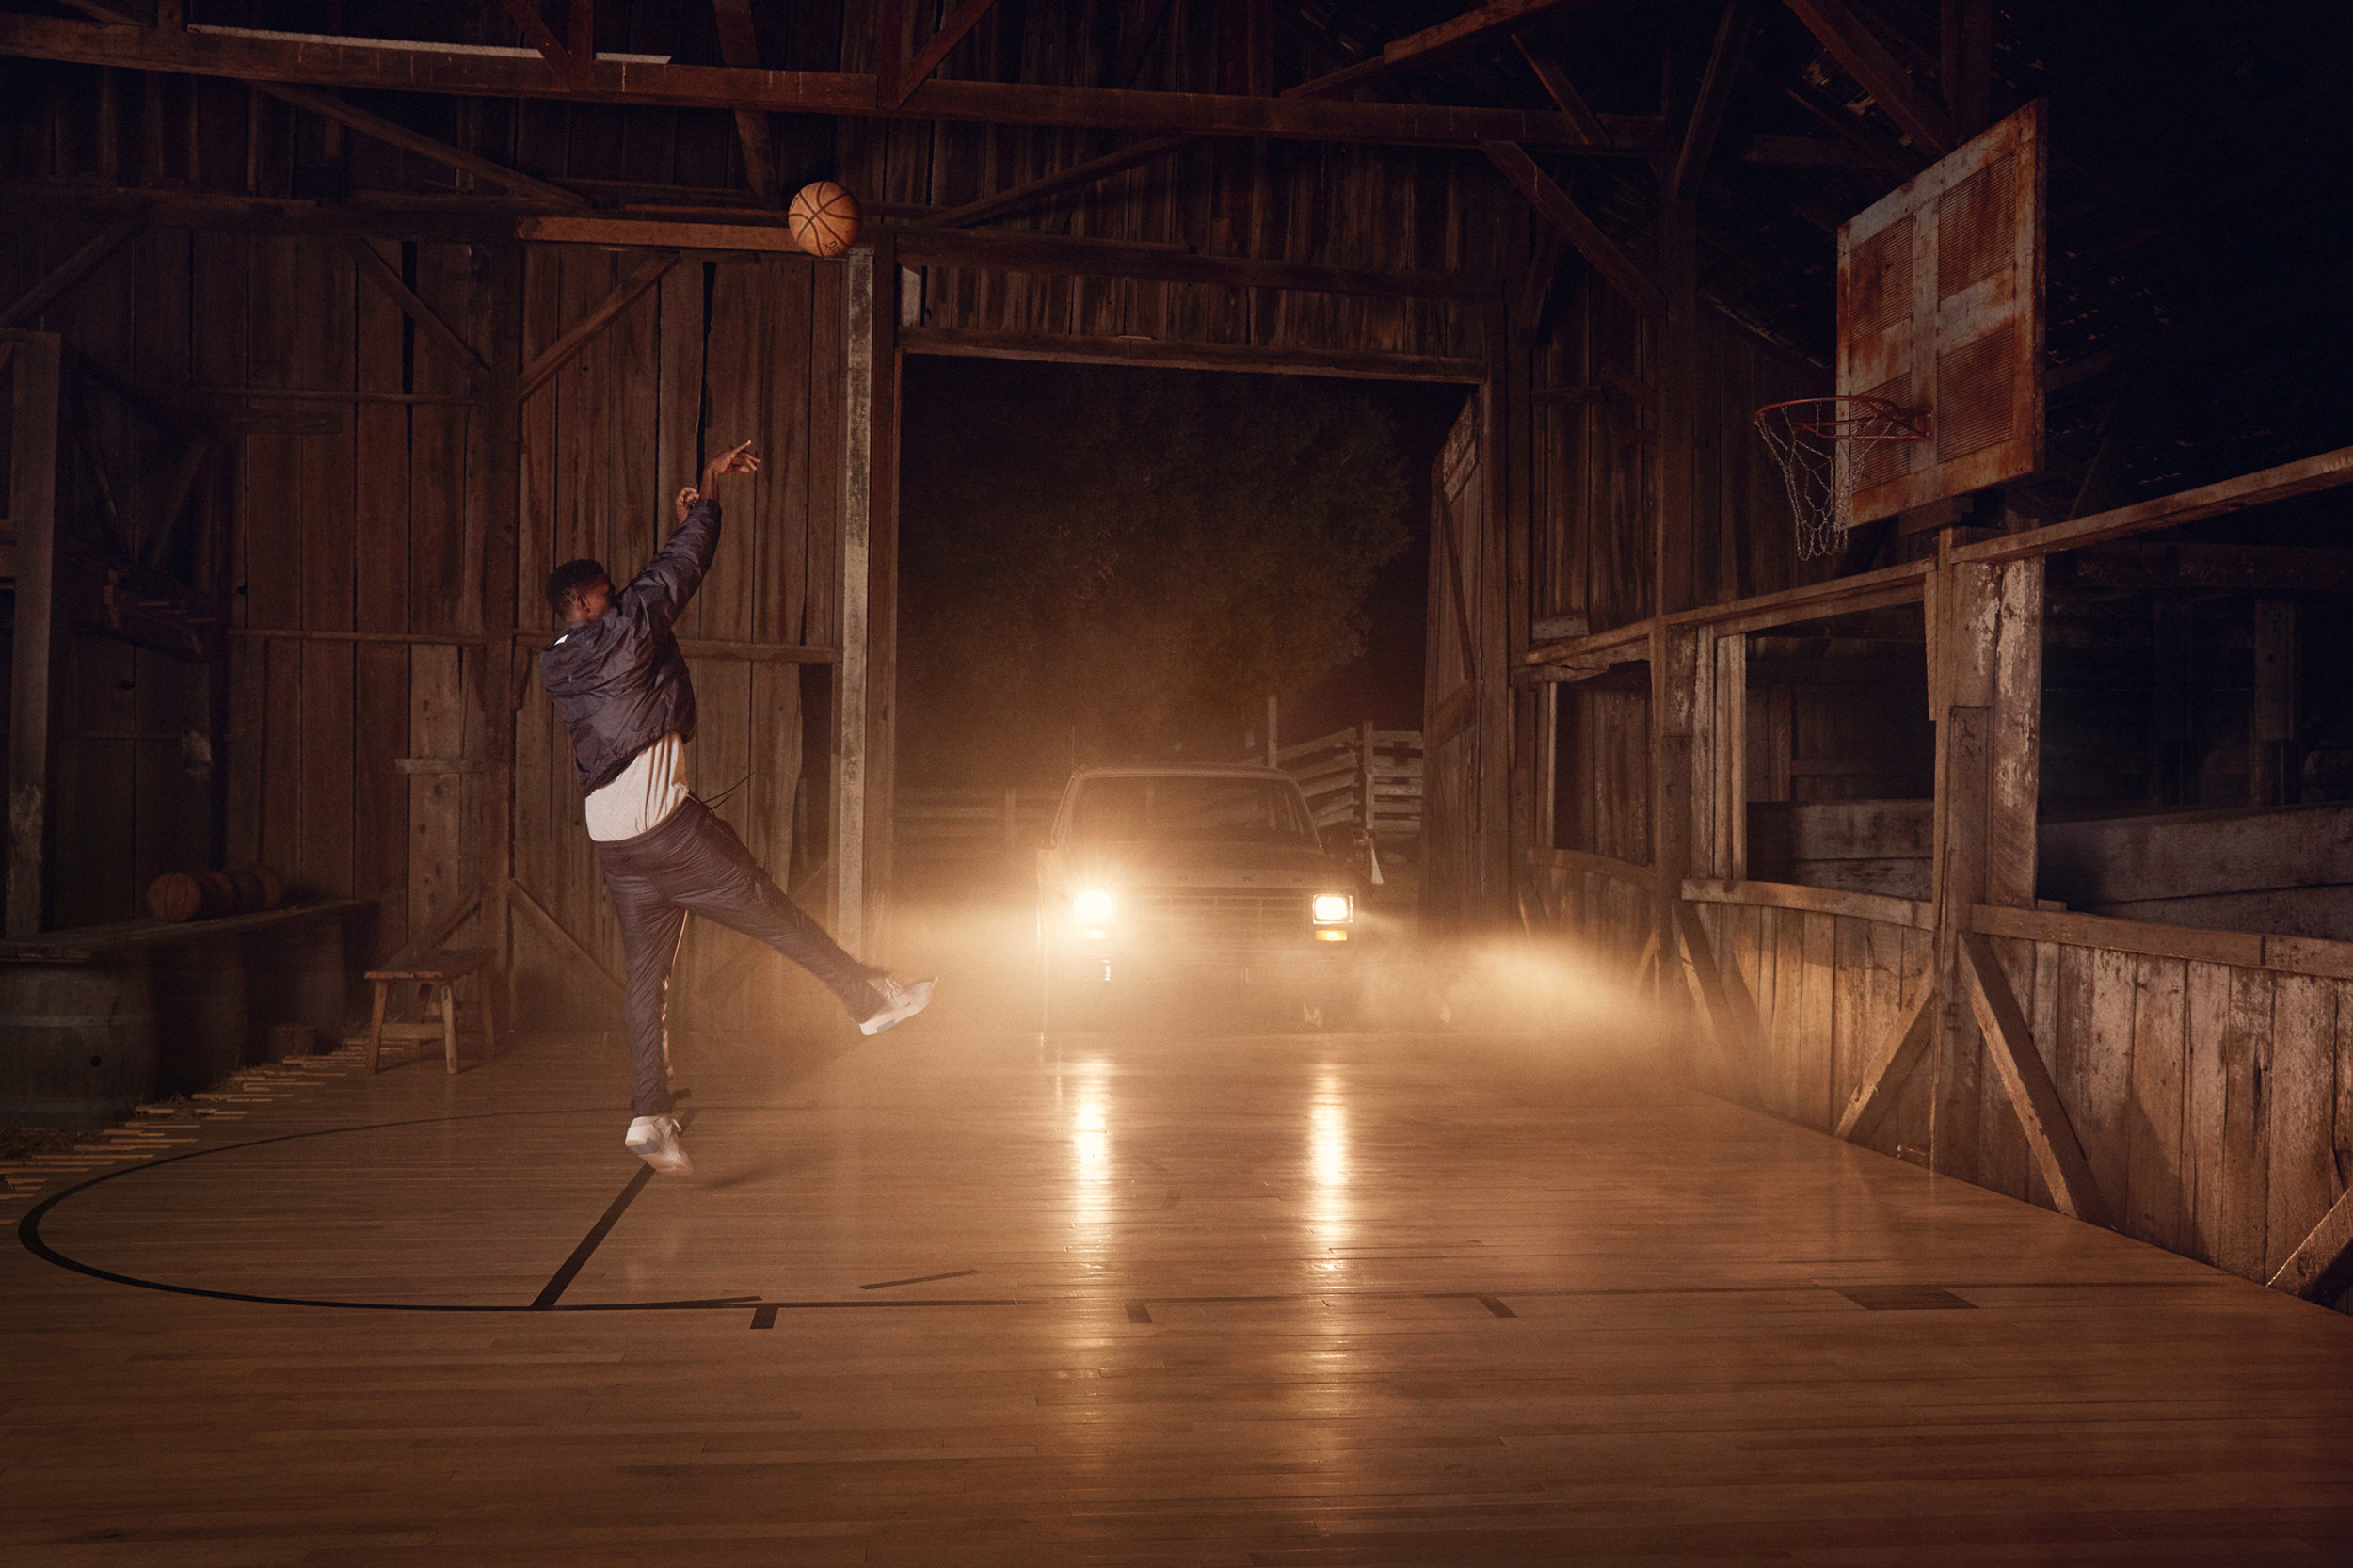 Nike-x-Fear-of-God-1_original.jpg